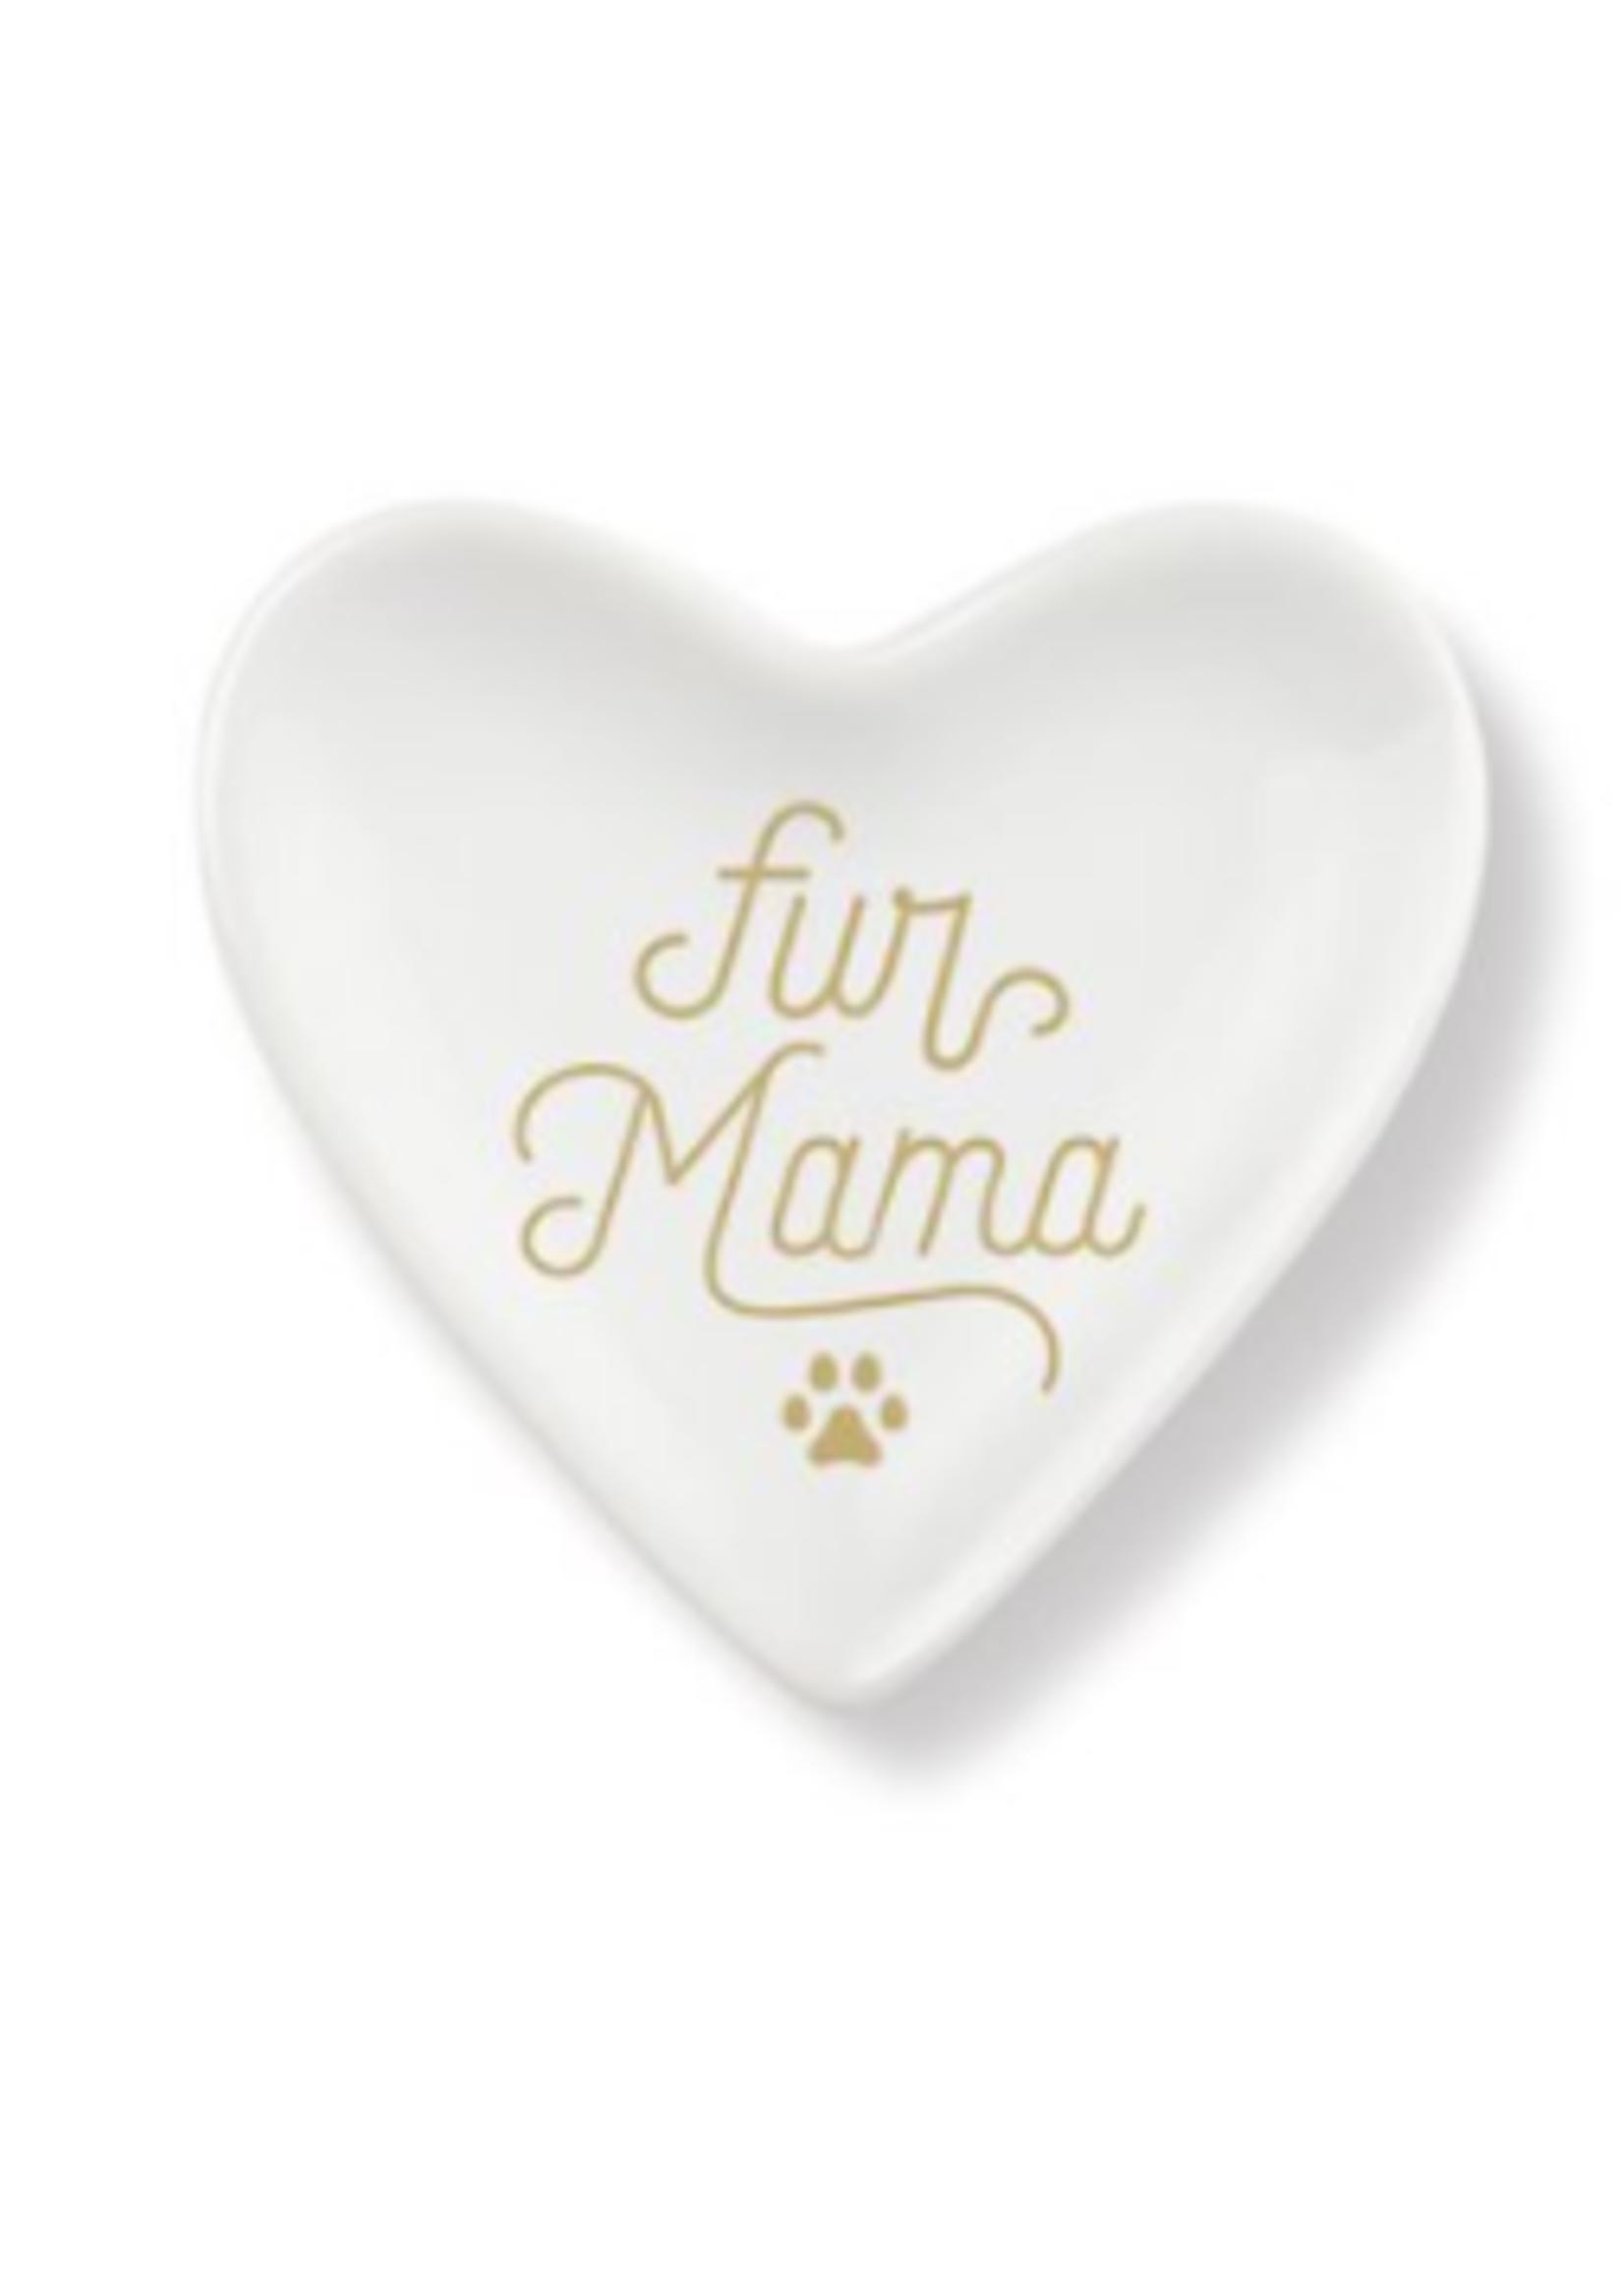 fringe studio fringe fur mama heart tray